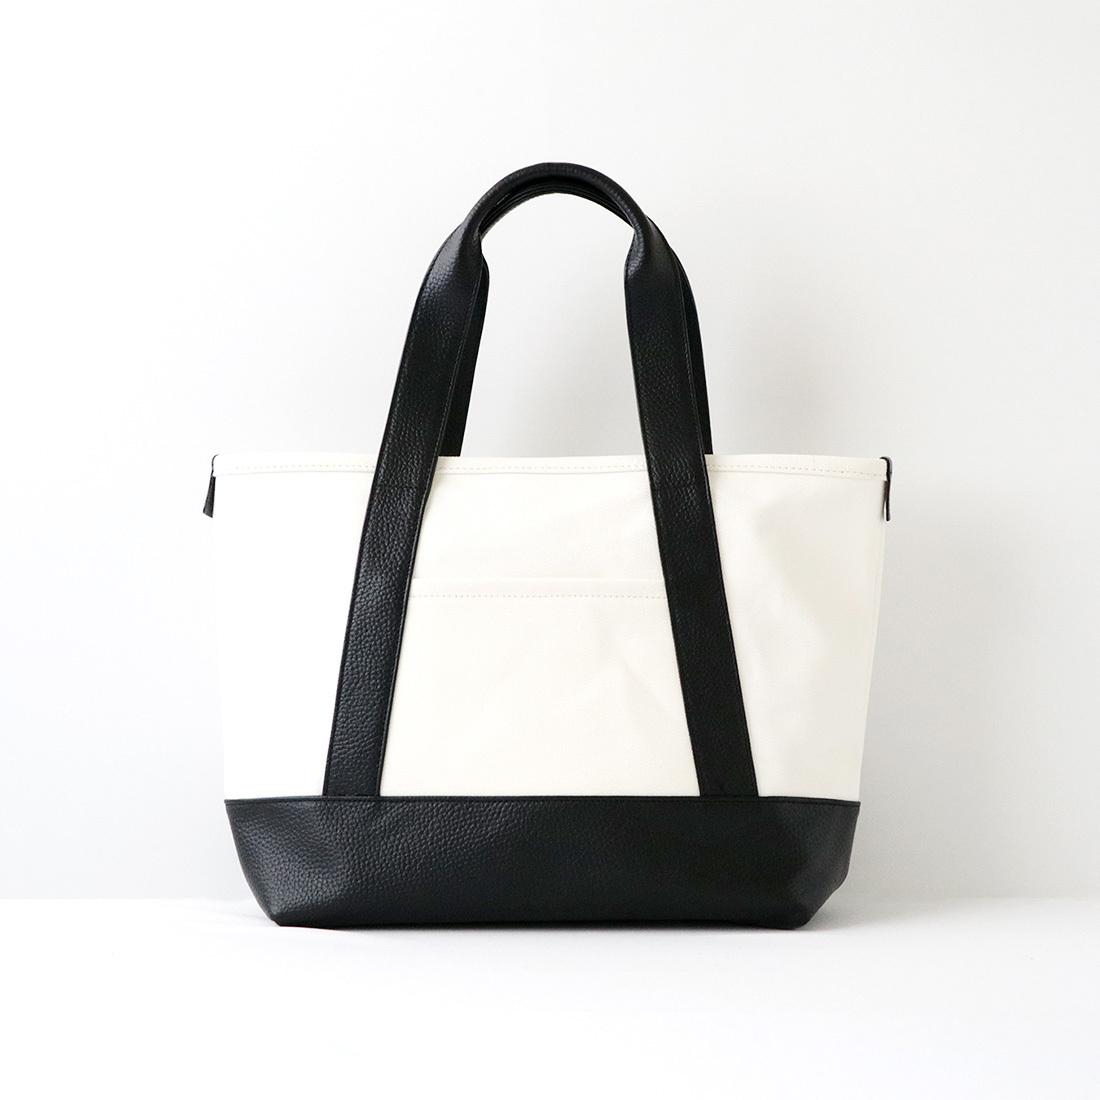 【最大2,000円OFFクーポン】【MOHEIM】 TOTE BAG (Sサイズ / ホワイト) トートバッグ カバン 鞄 バッグ 手提げ 帆布 ユニセックス